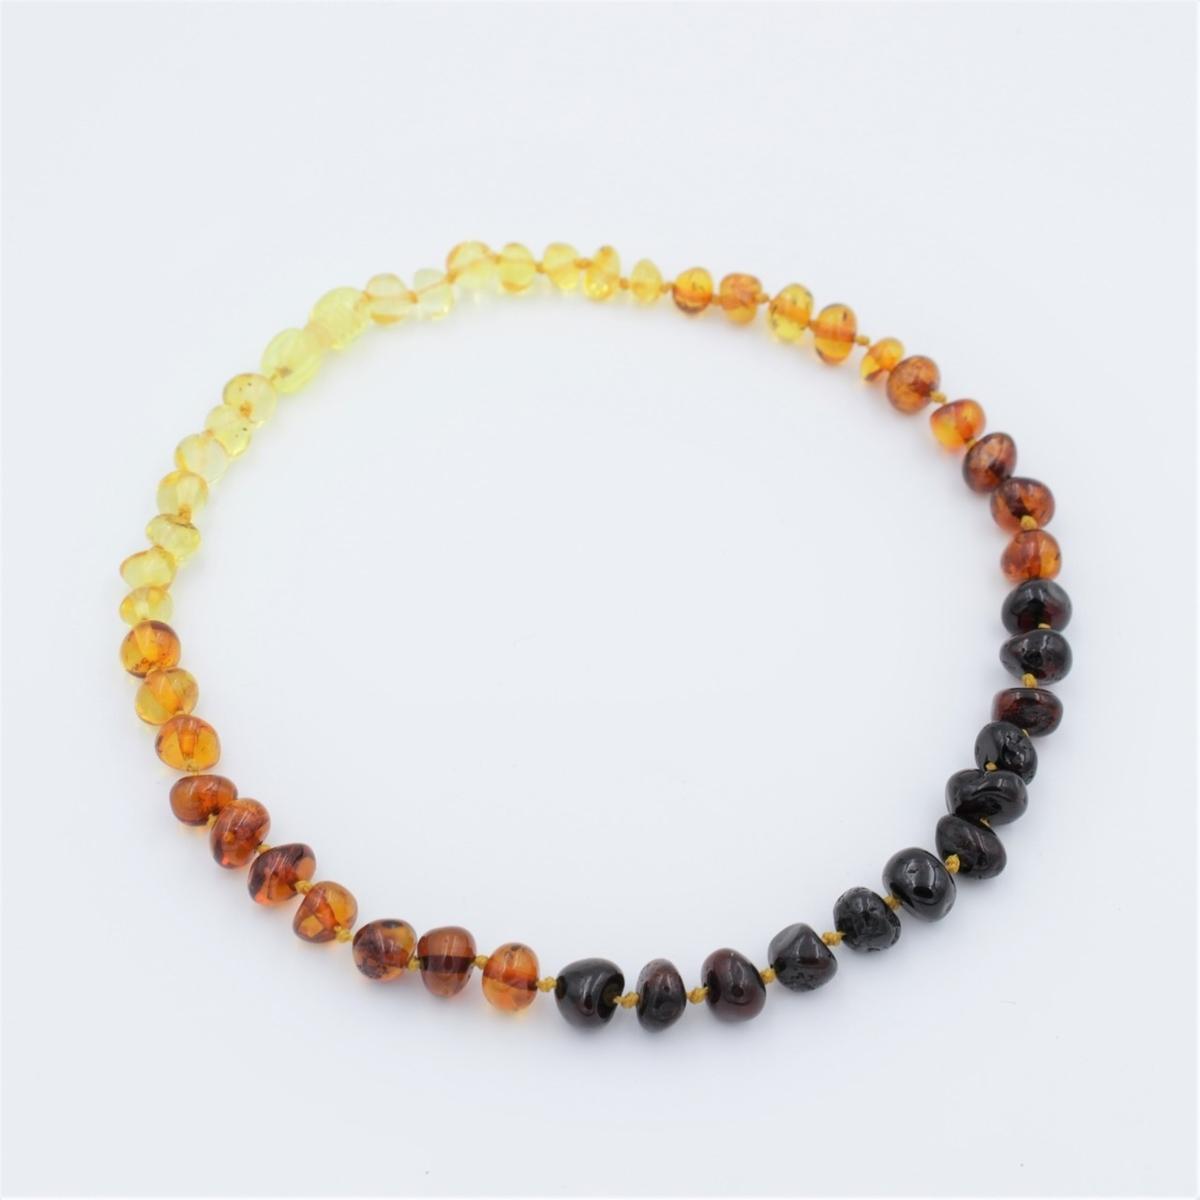 f:id:amberjewelry:20190514174636j:plain